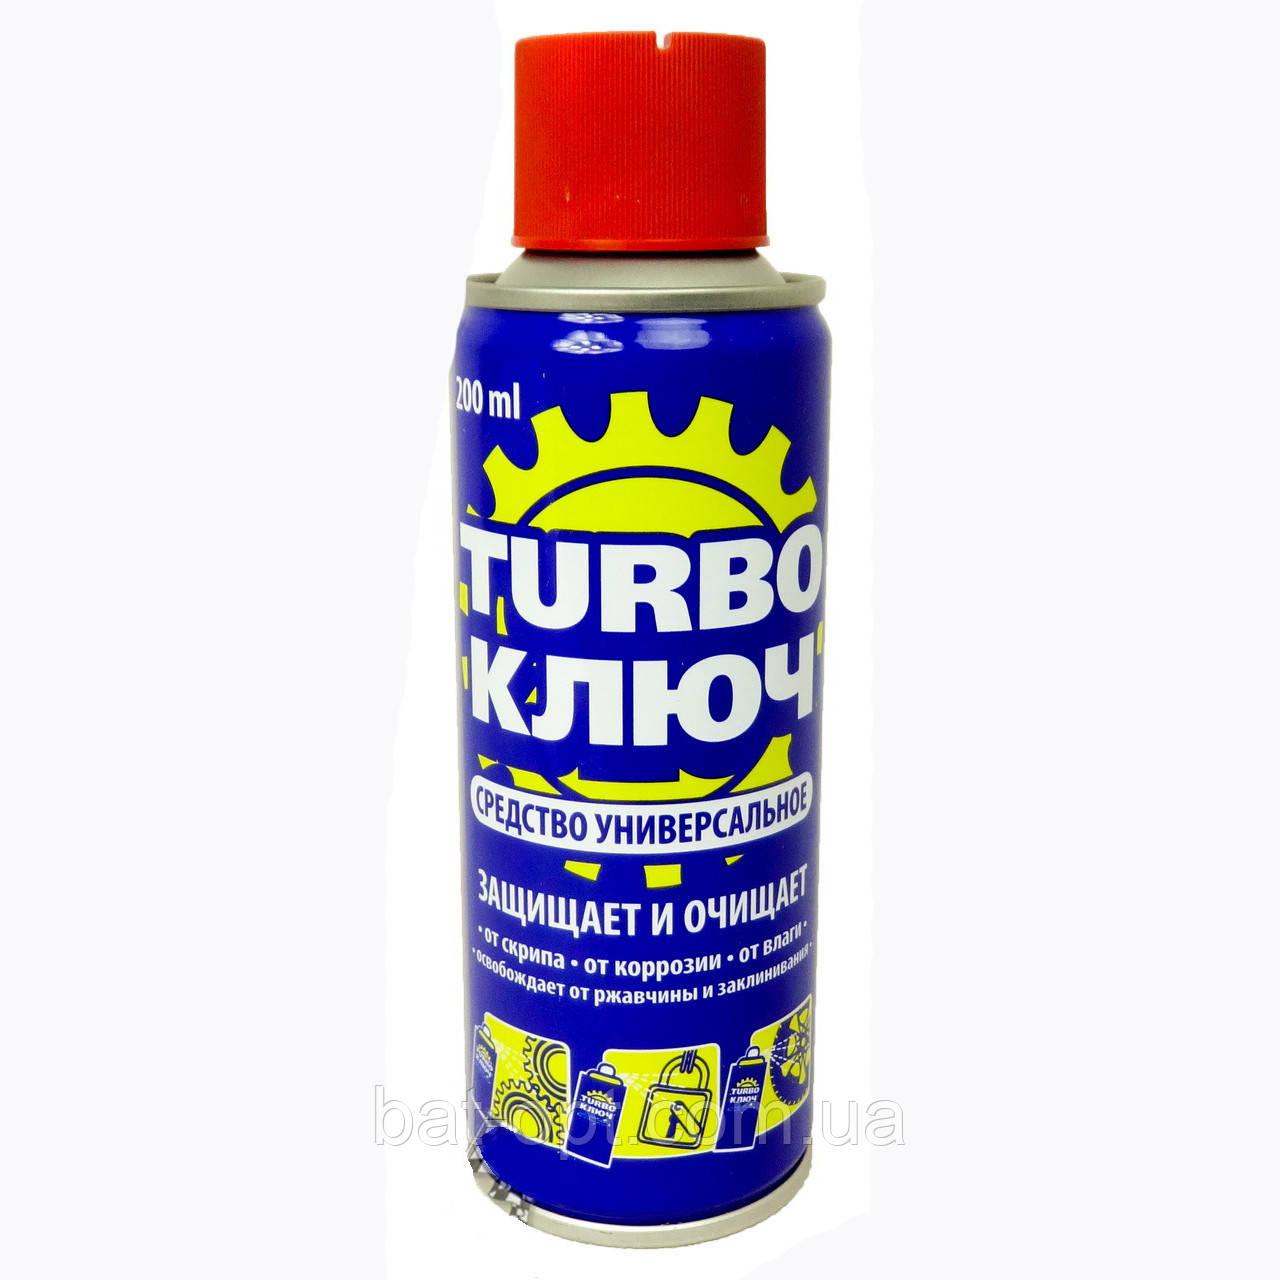 Турбо ключ WD 200 ml